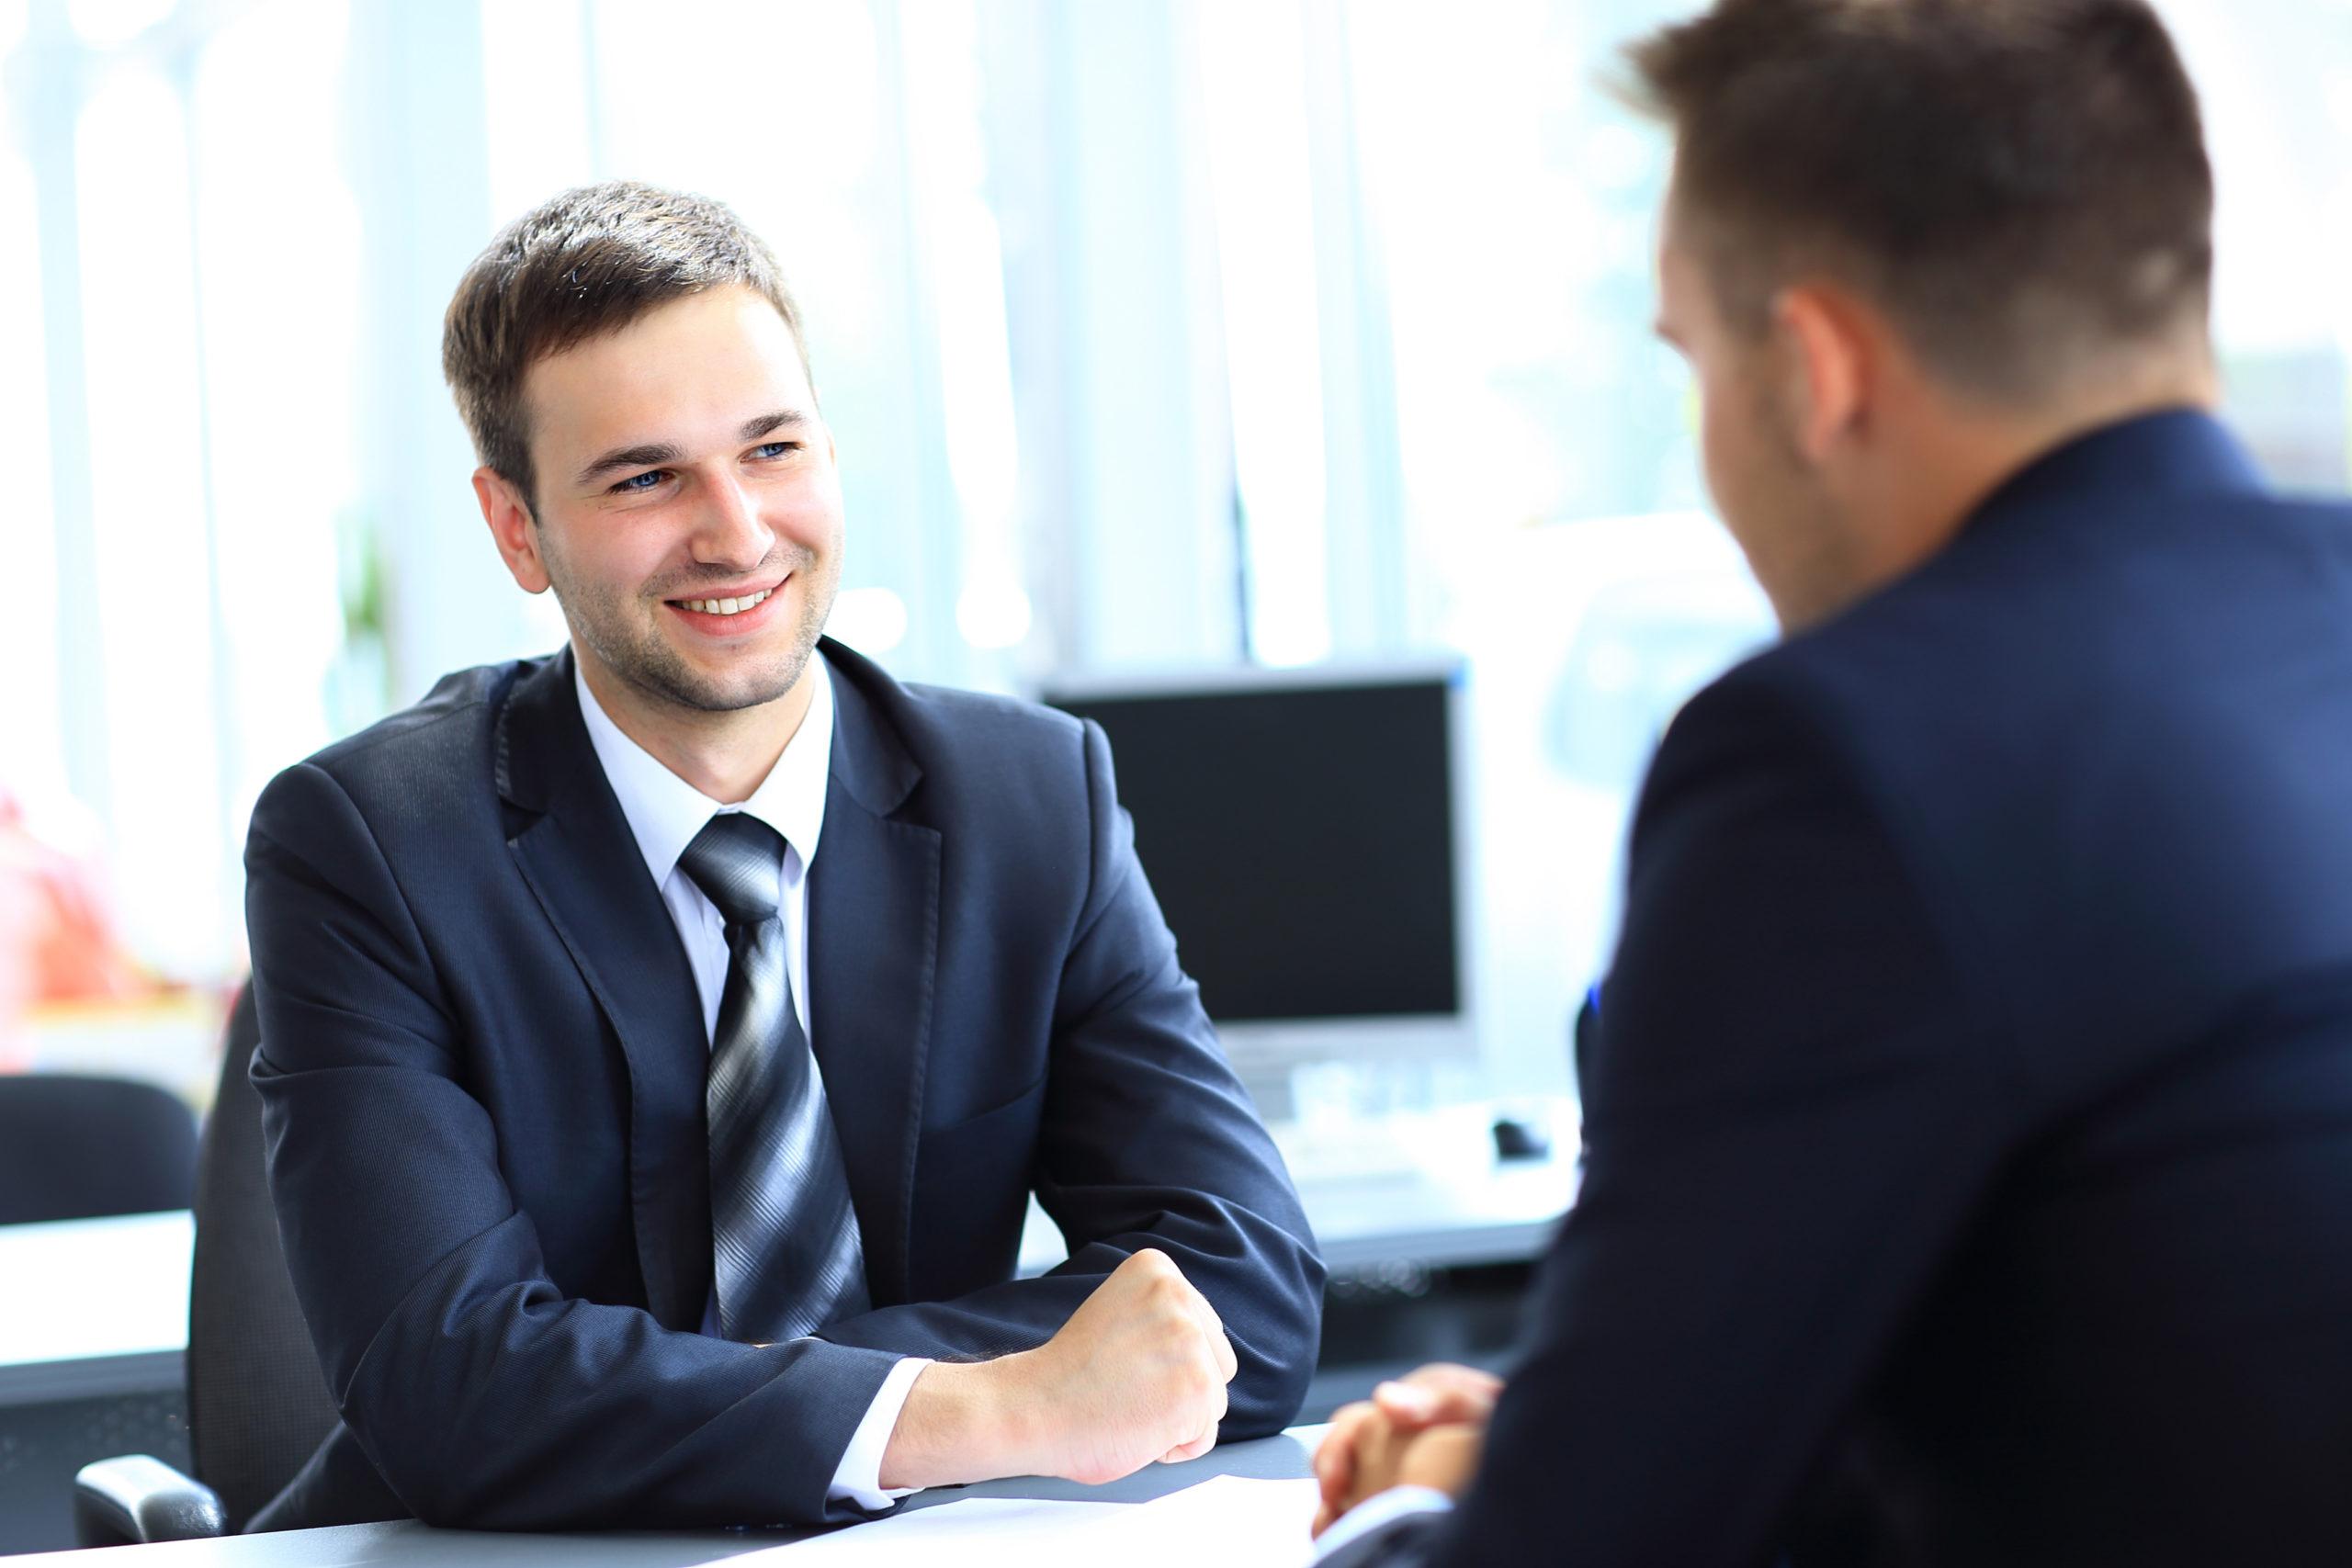 Het sollicitatiegesprek: jouw lichaamshouding is een belangrijke factor